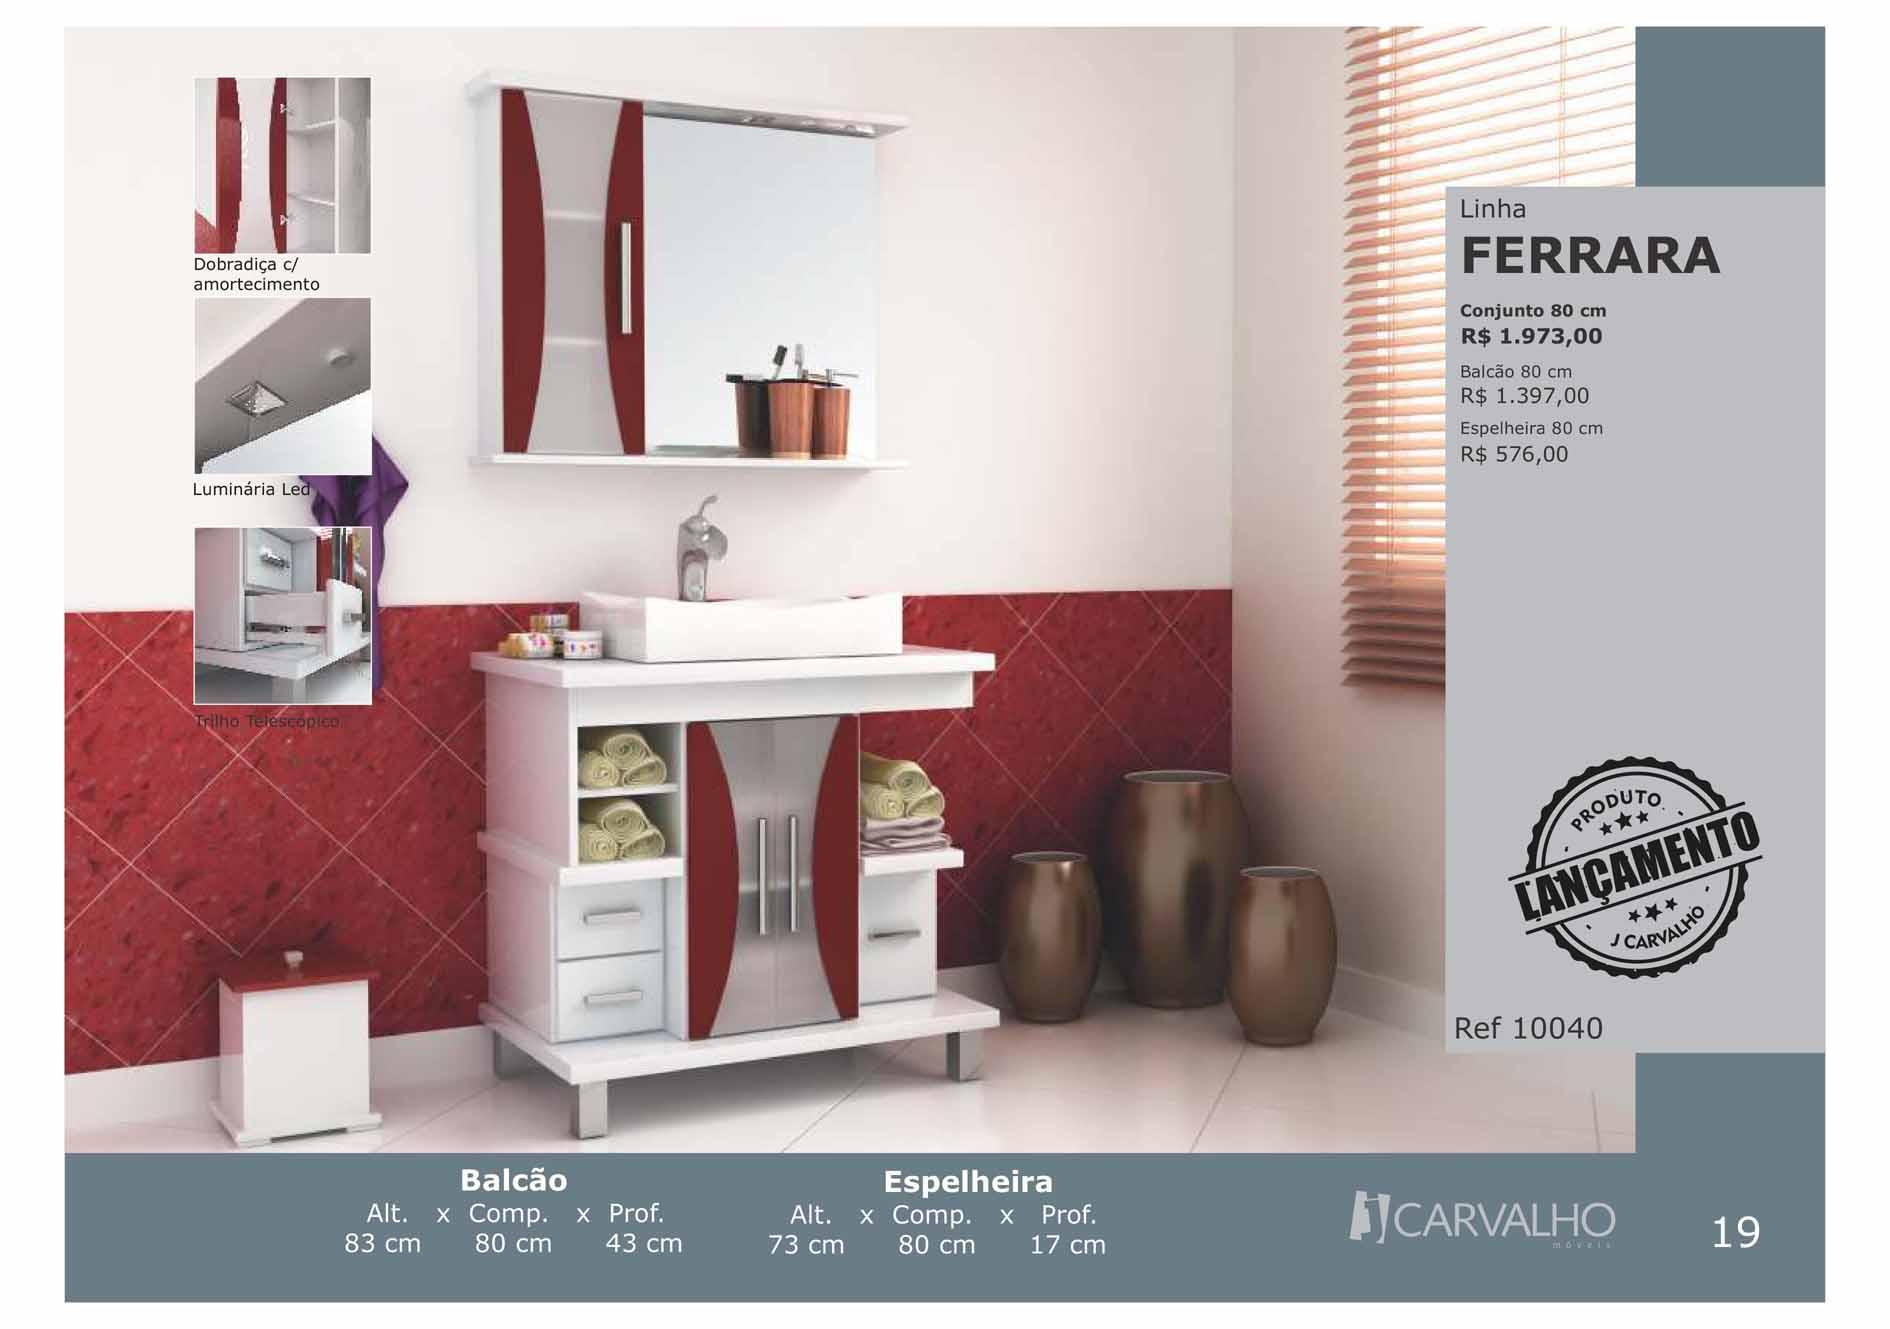 Ferrara – Ref 10040